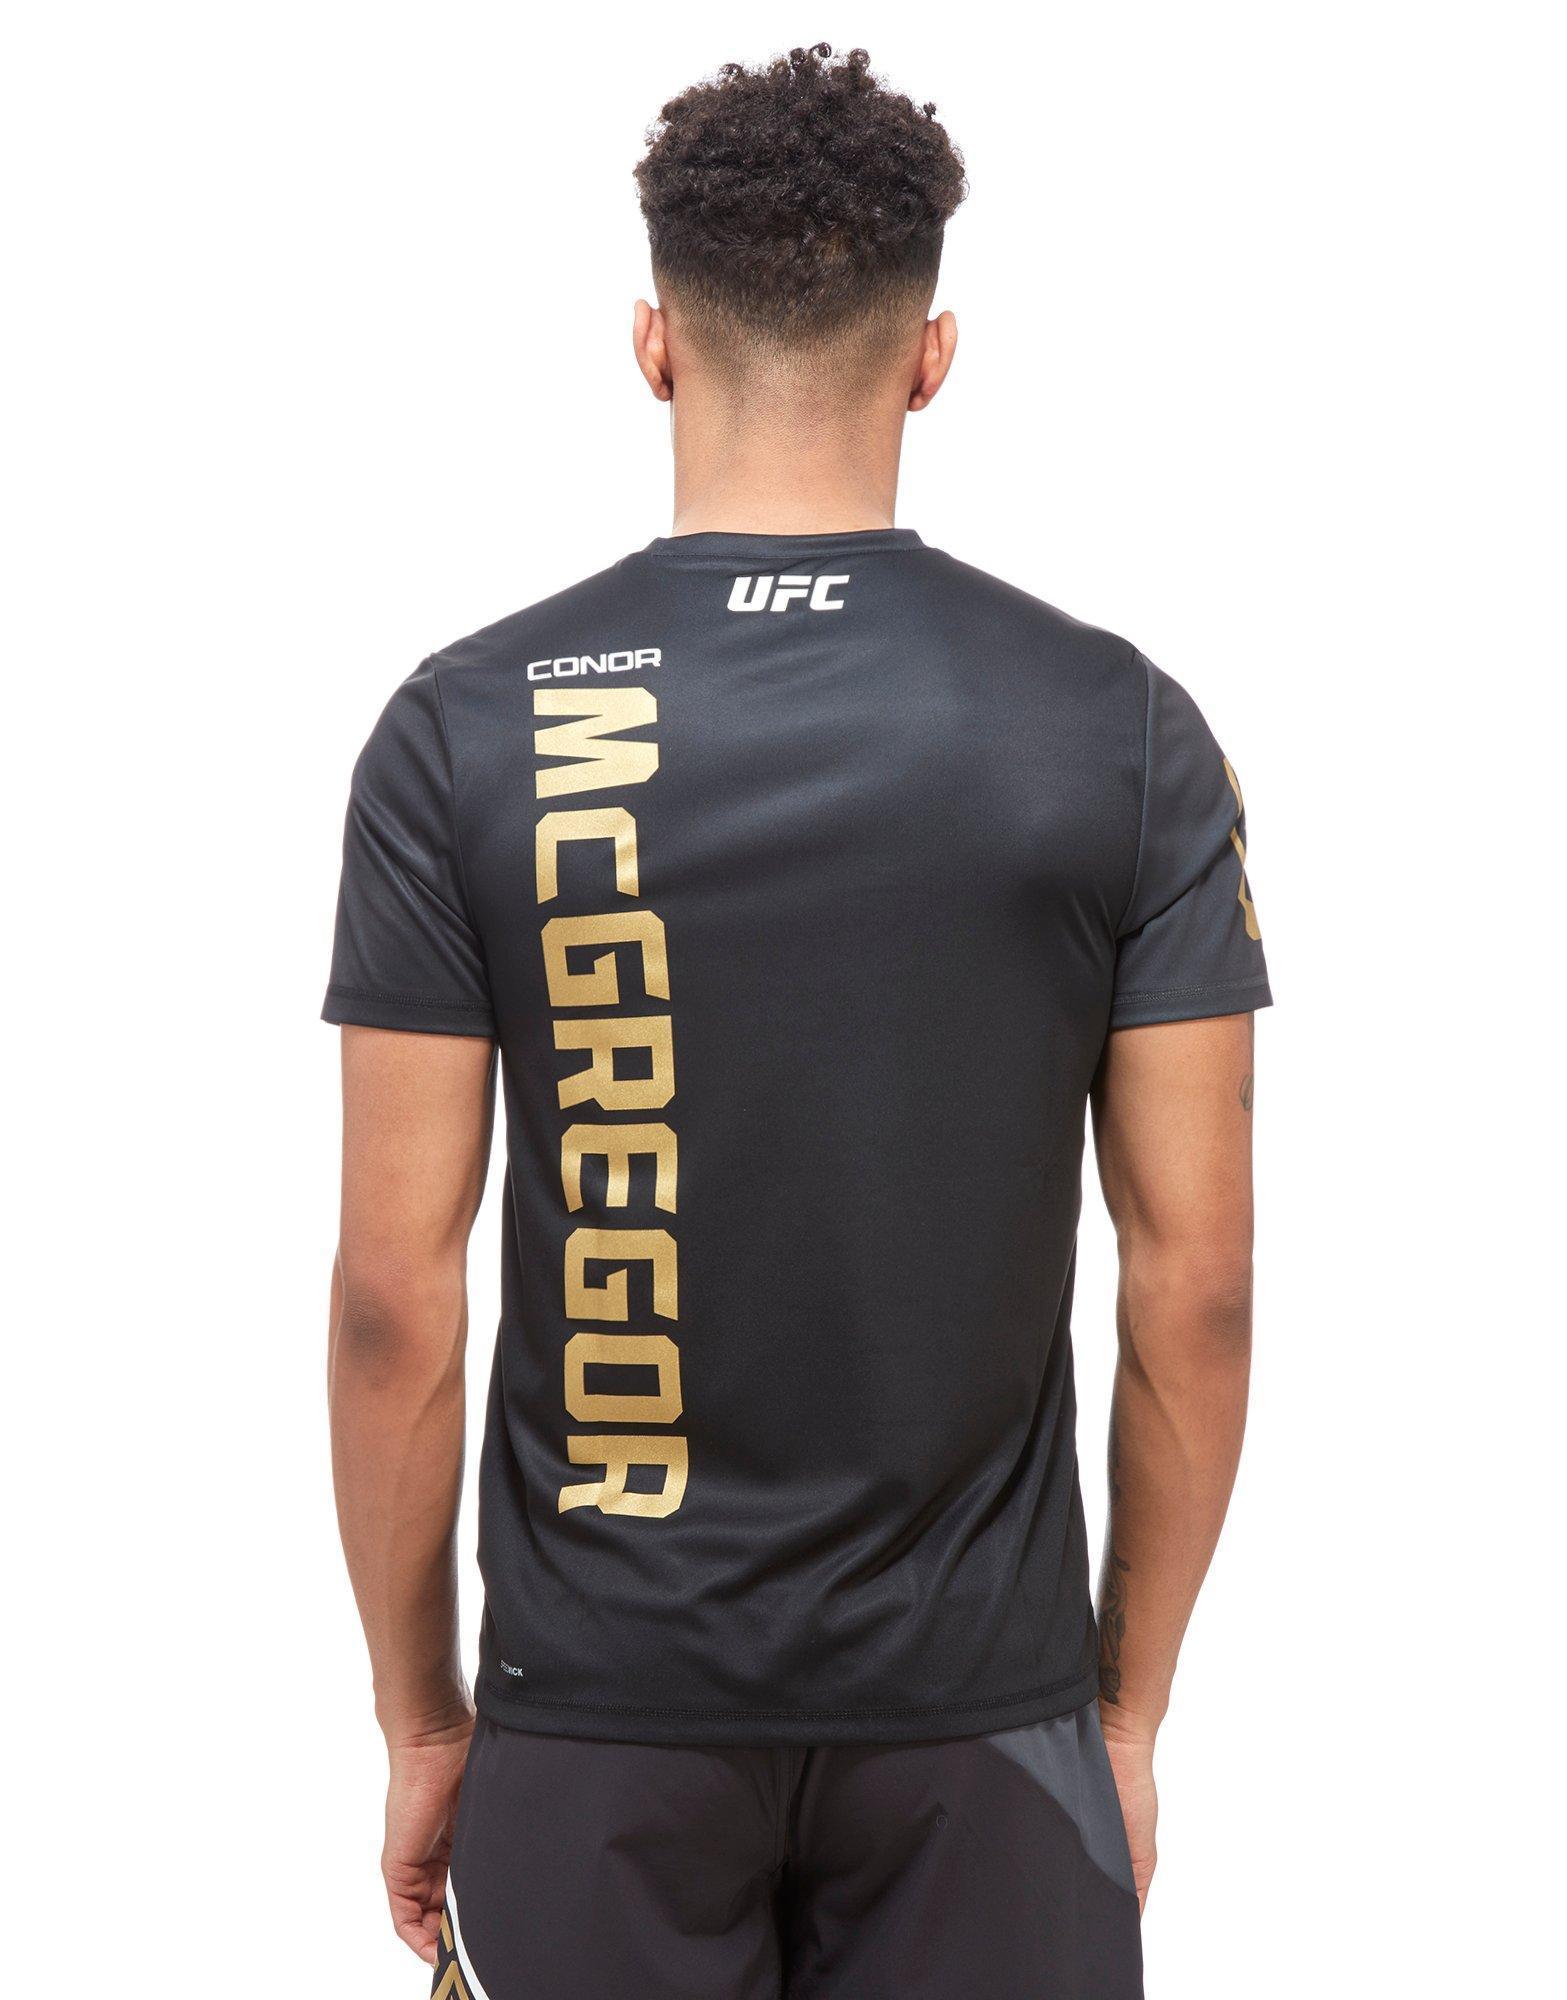 detailed look 793e3 ace35 Men's Black Ufc Conor Mcgregor Walkout T-shirt